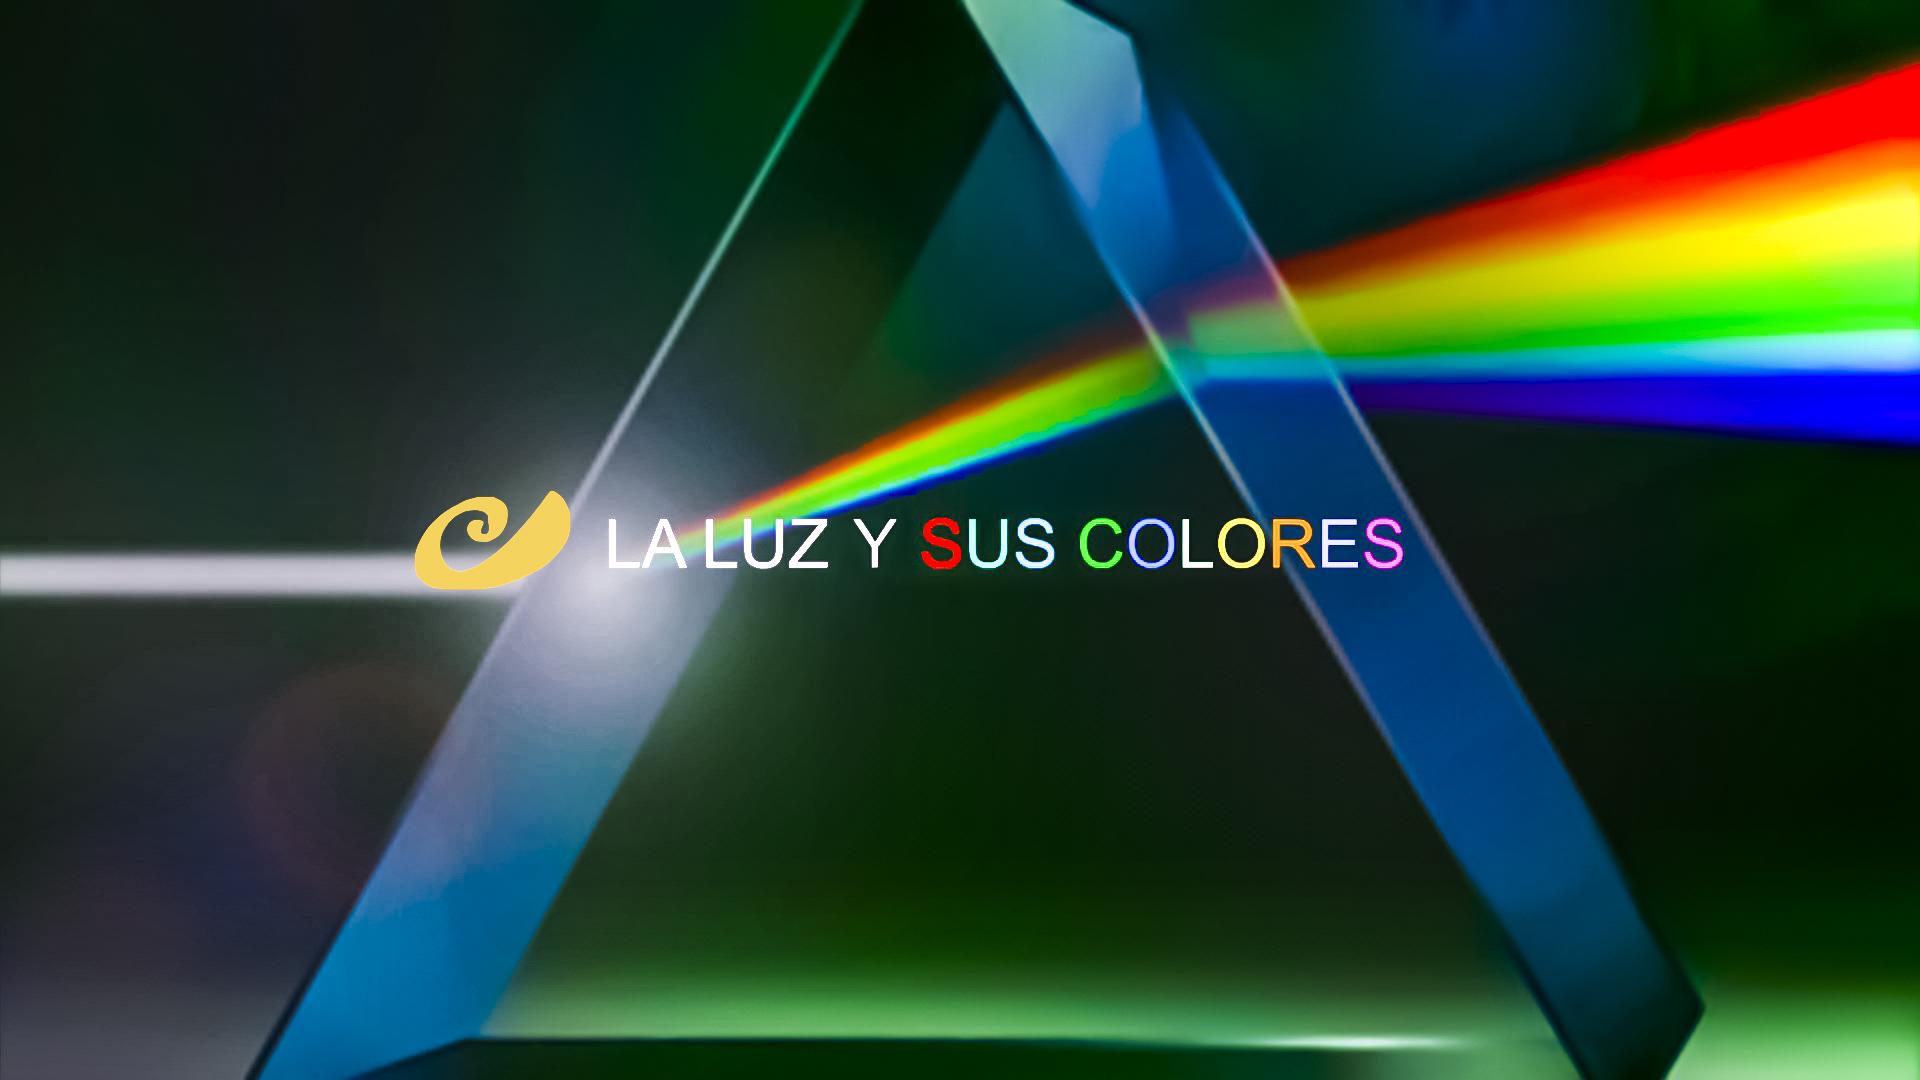 La luz y sus colores